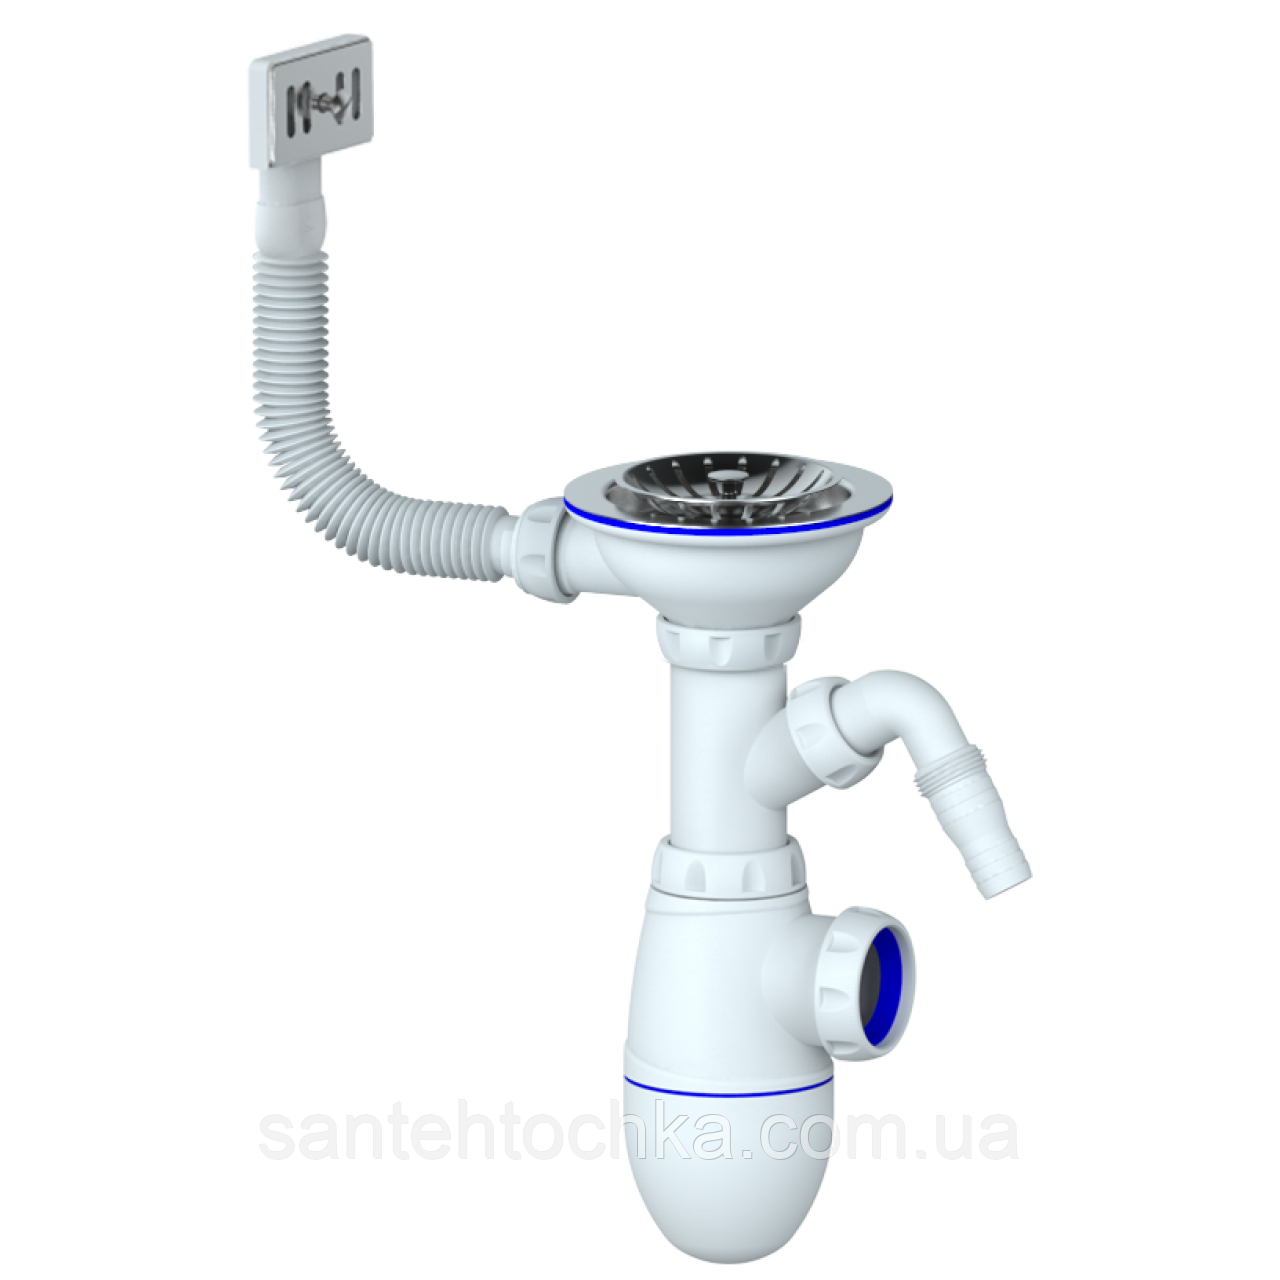 Сифон для мийки ф115 з вих. до пральн.машини та прямокутним виливом UNICORN 35шт